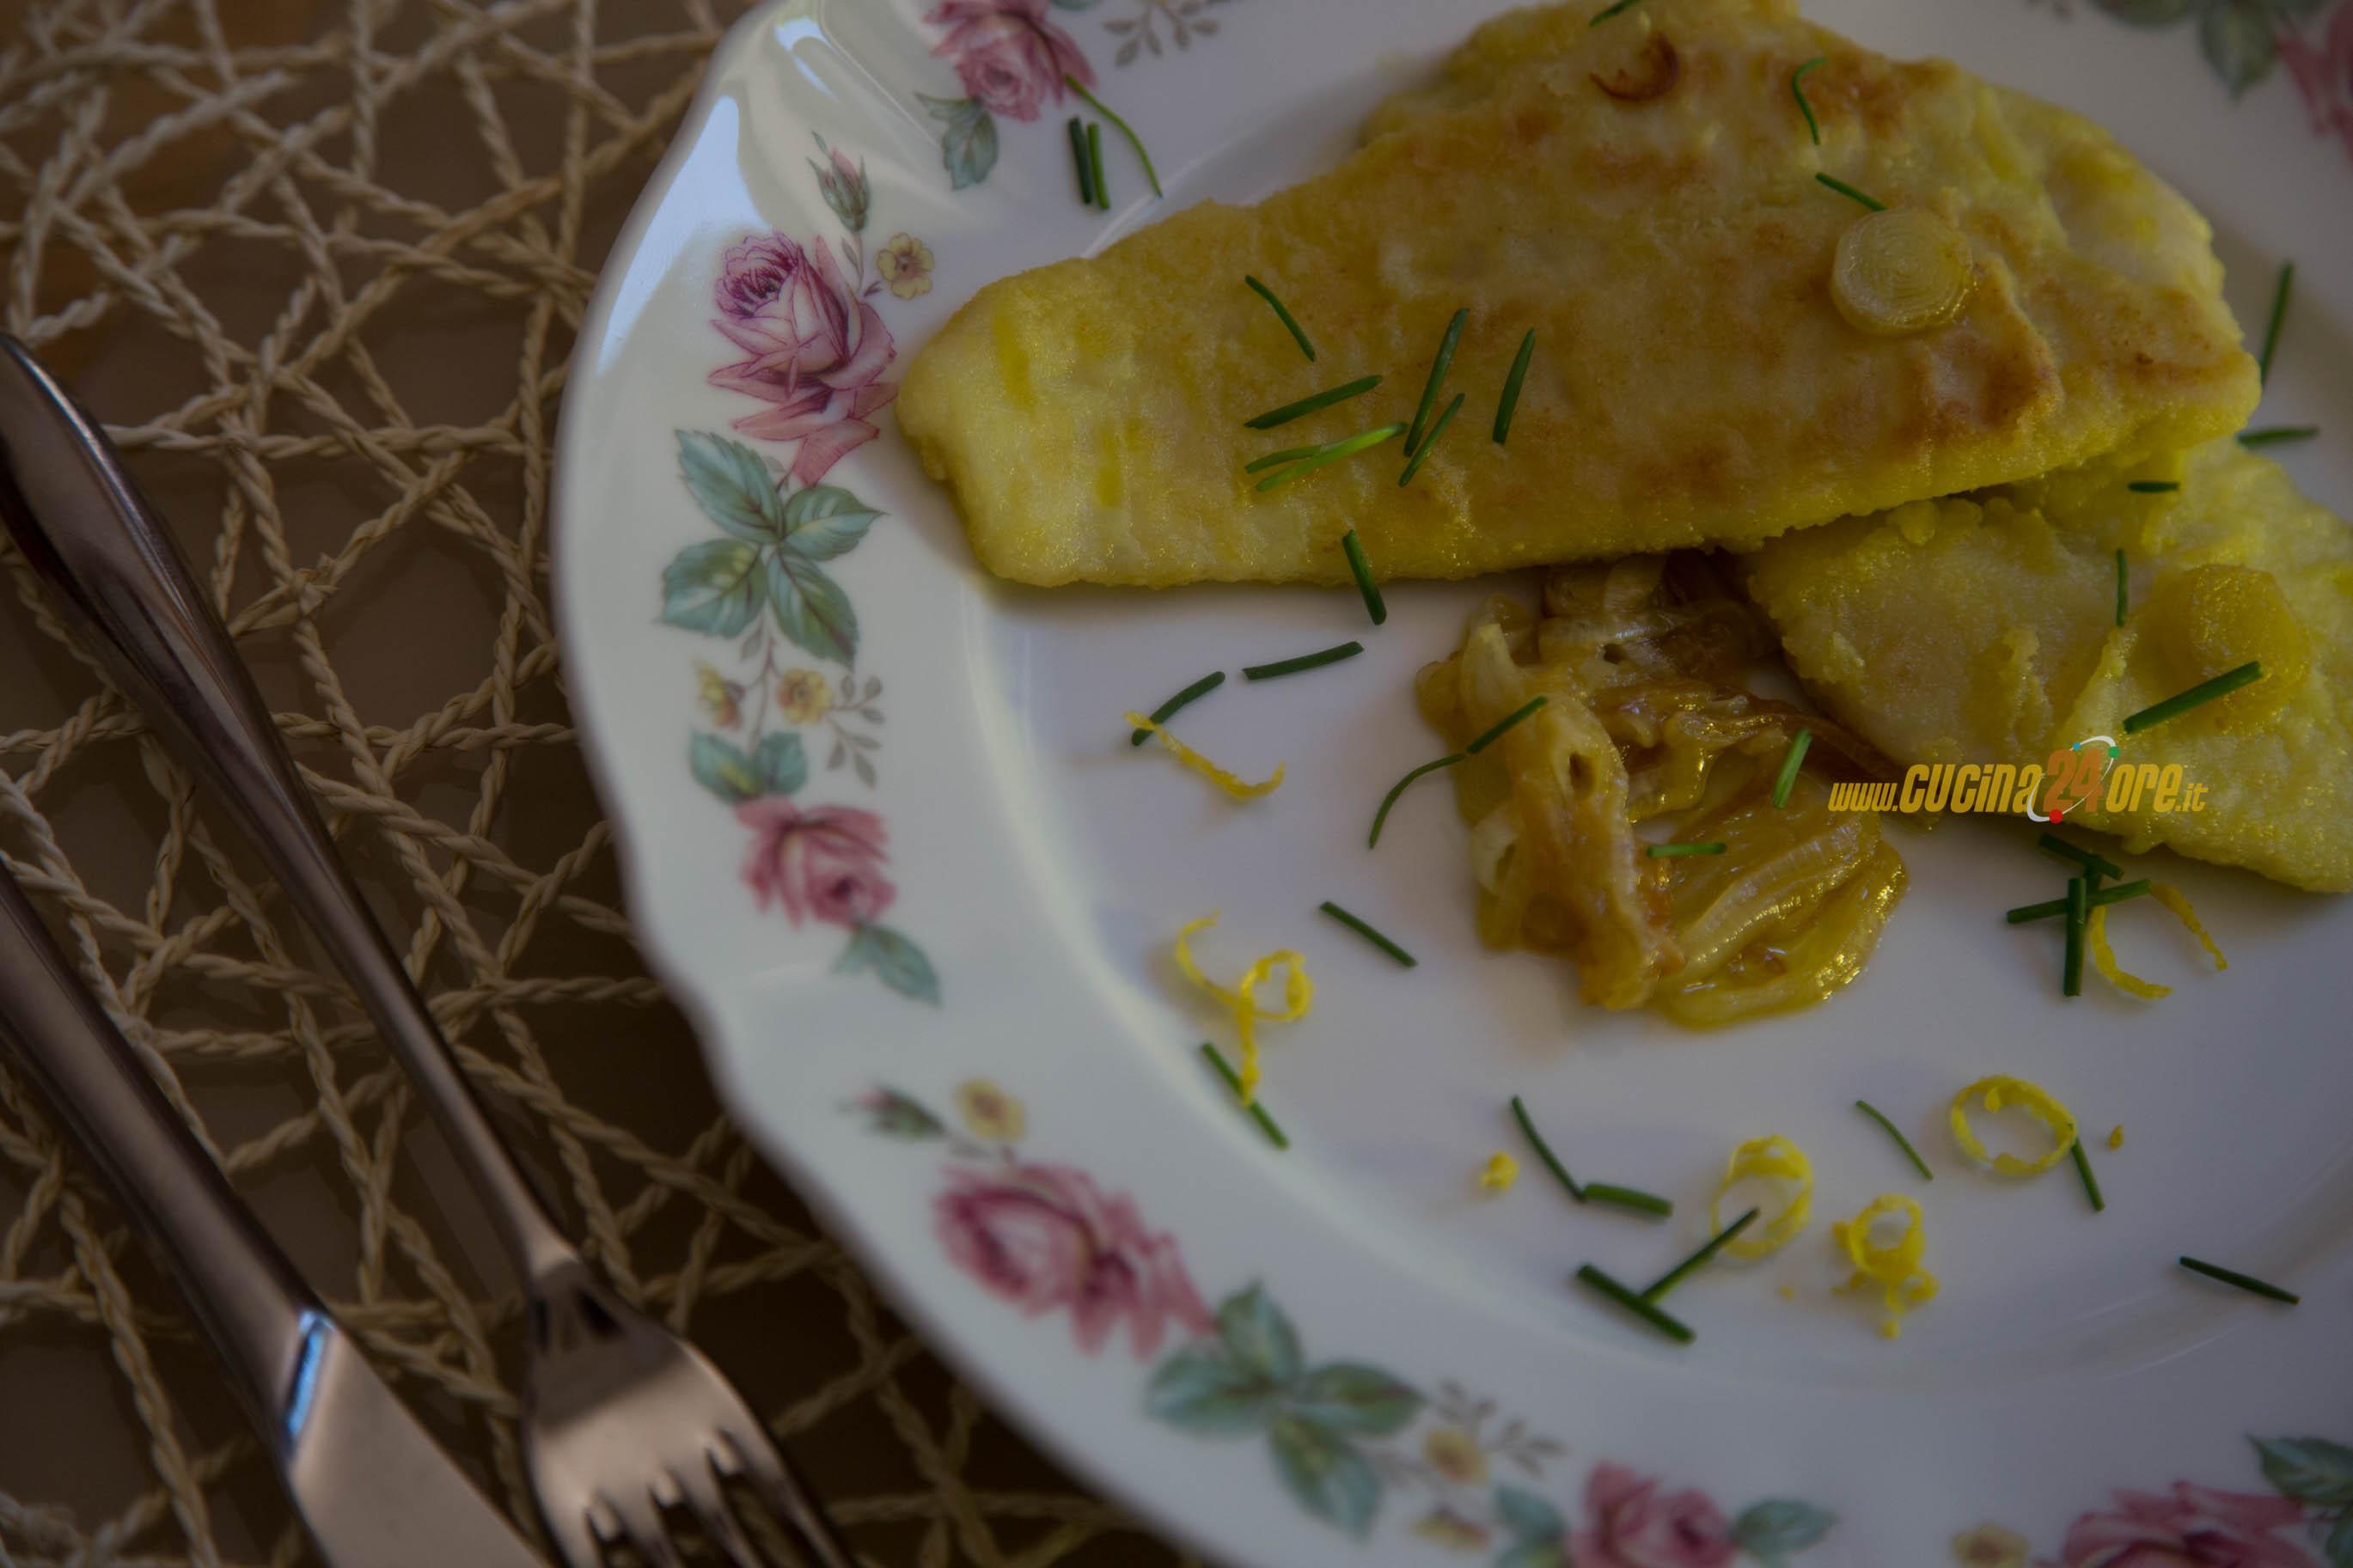 COME TI CAMBIO IL MERLUZZO! LA PADELLA IN PIETRA! Panati ai porri e limone con erba cipollina – VIDEO RICETTA